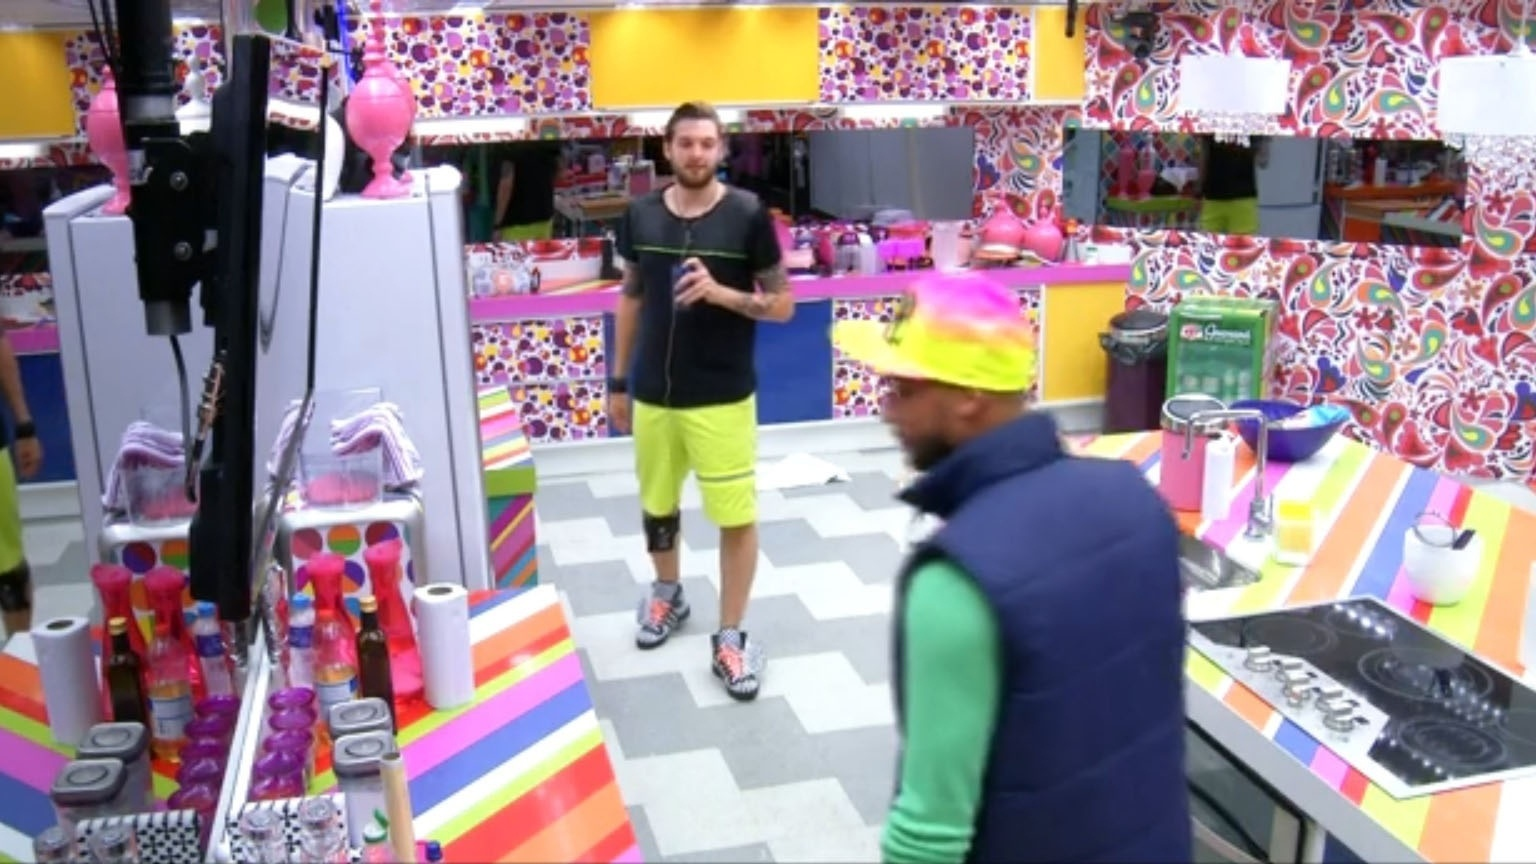 05.mar.2014 - Em conversa com Valter, Cássio diz que Diego está o tempo tentando querendo humilhá-lo